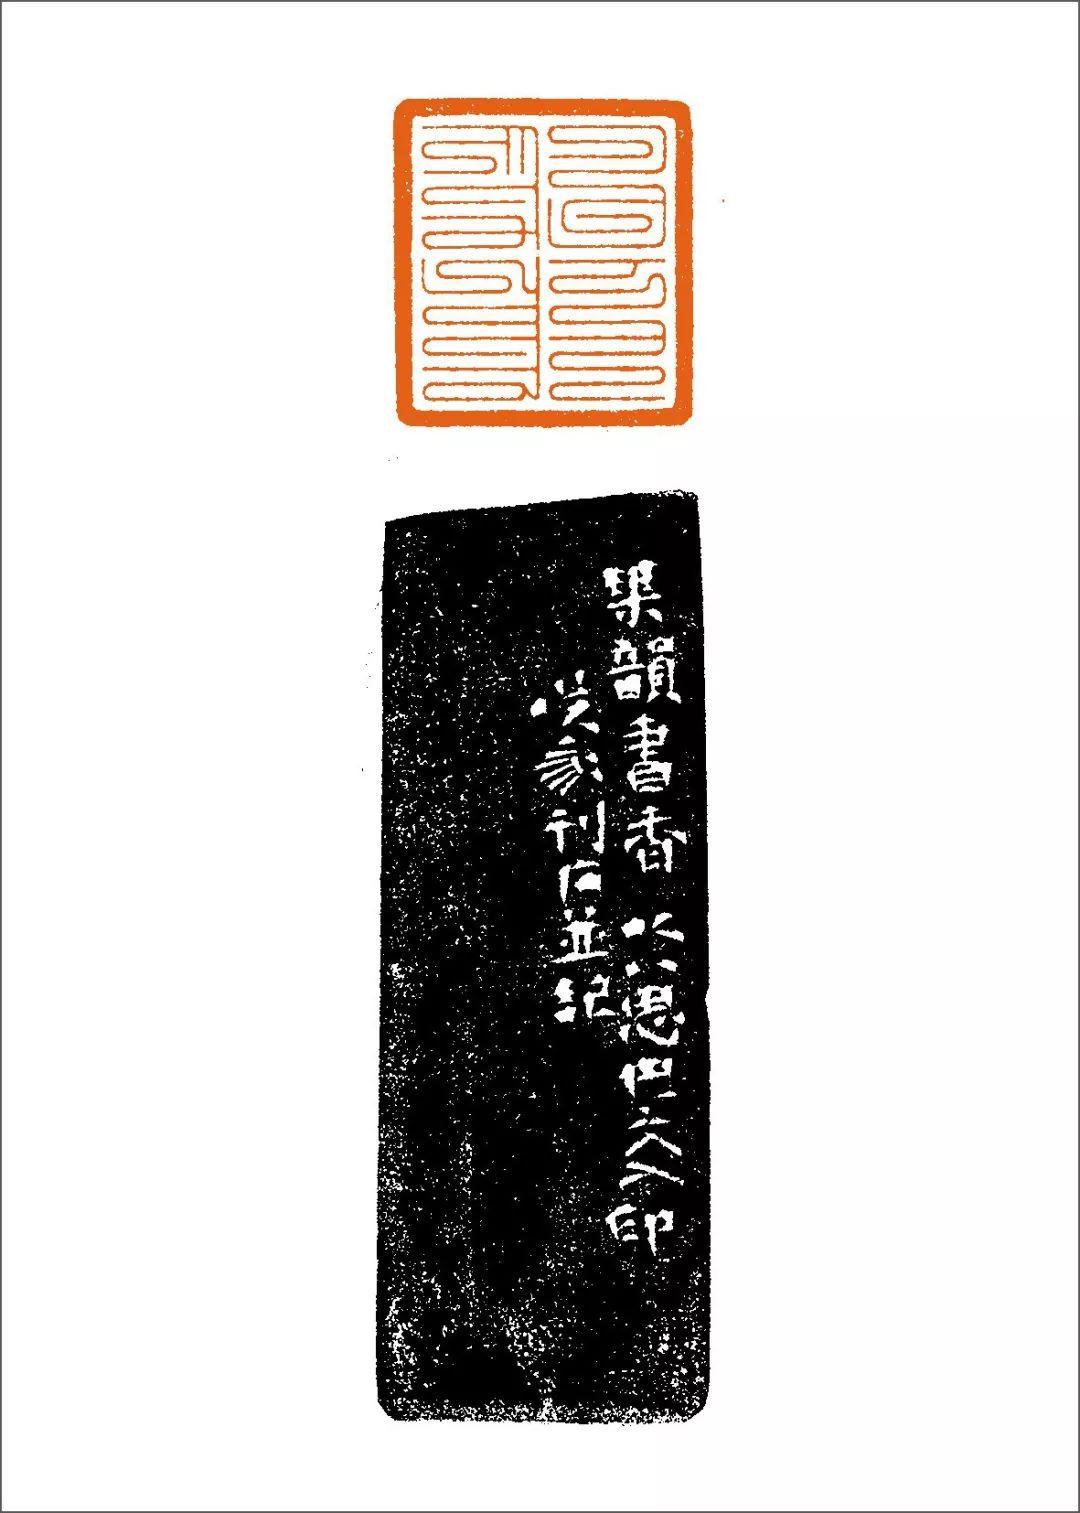 篆刻丛谈:八思巴文篆刻原石赏析 第102张